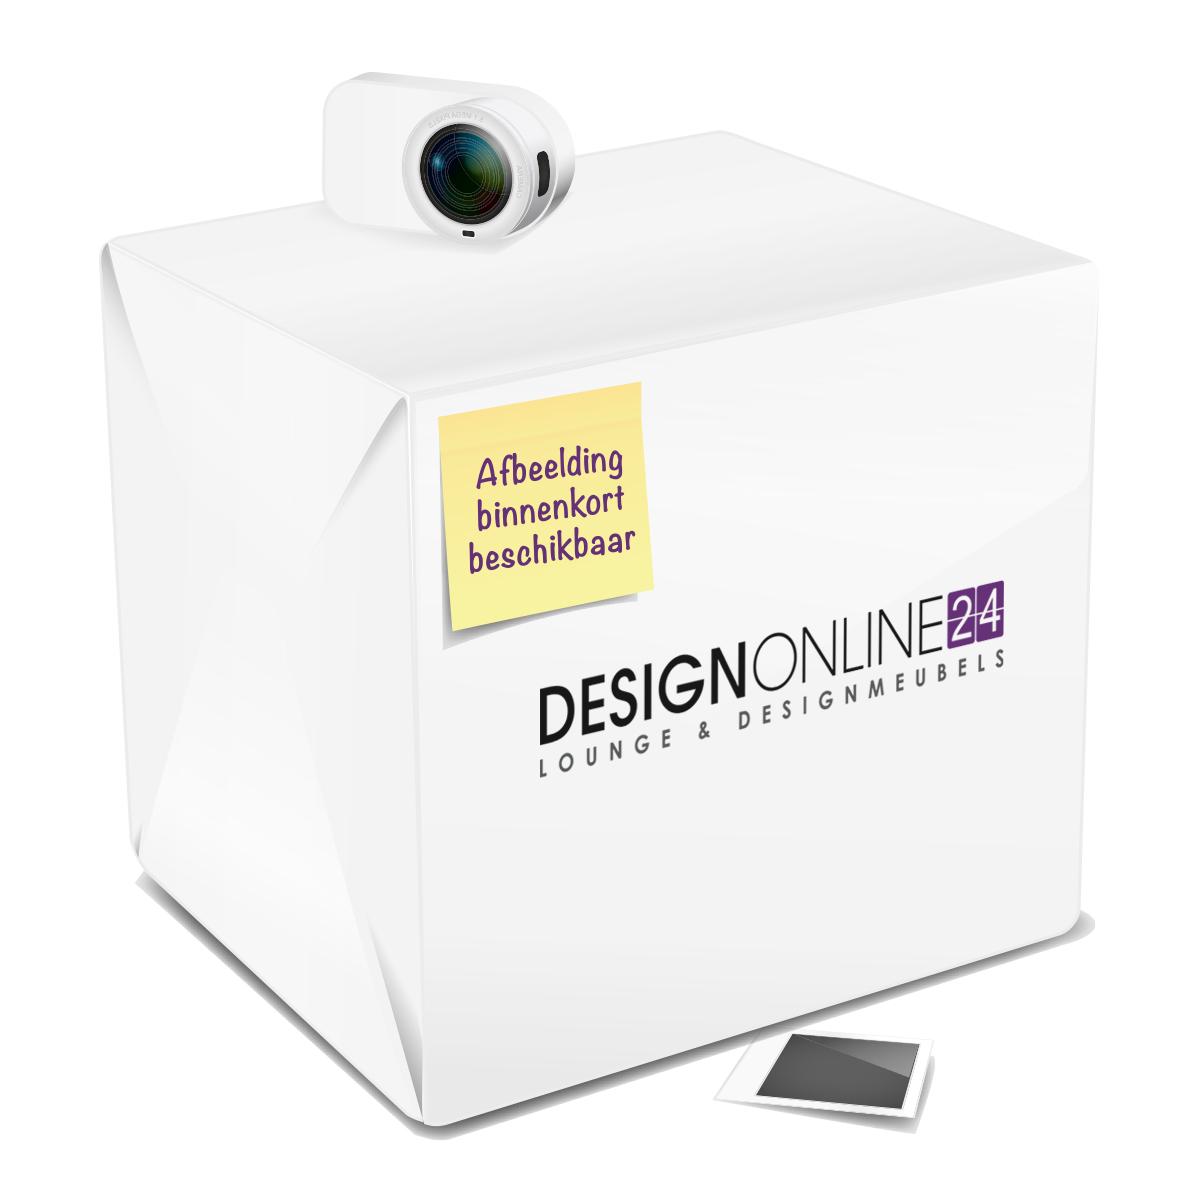 24Designs 24Designs Ligbed 1 persoons - Sandy - Verstelbaar - Zandkleur Polyrattan Wicker met Antraciet Grijze kussens